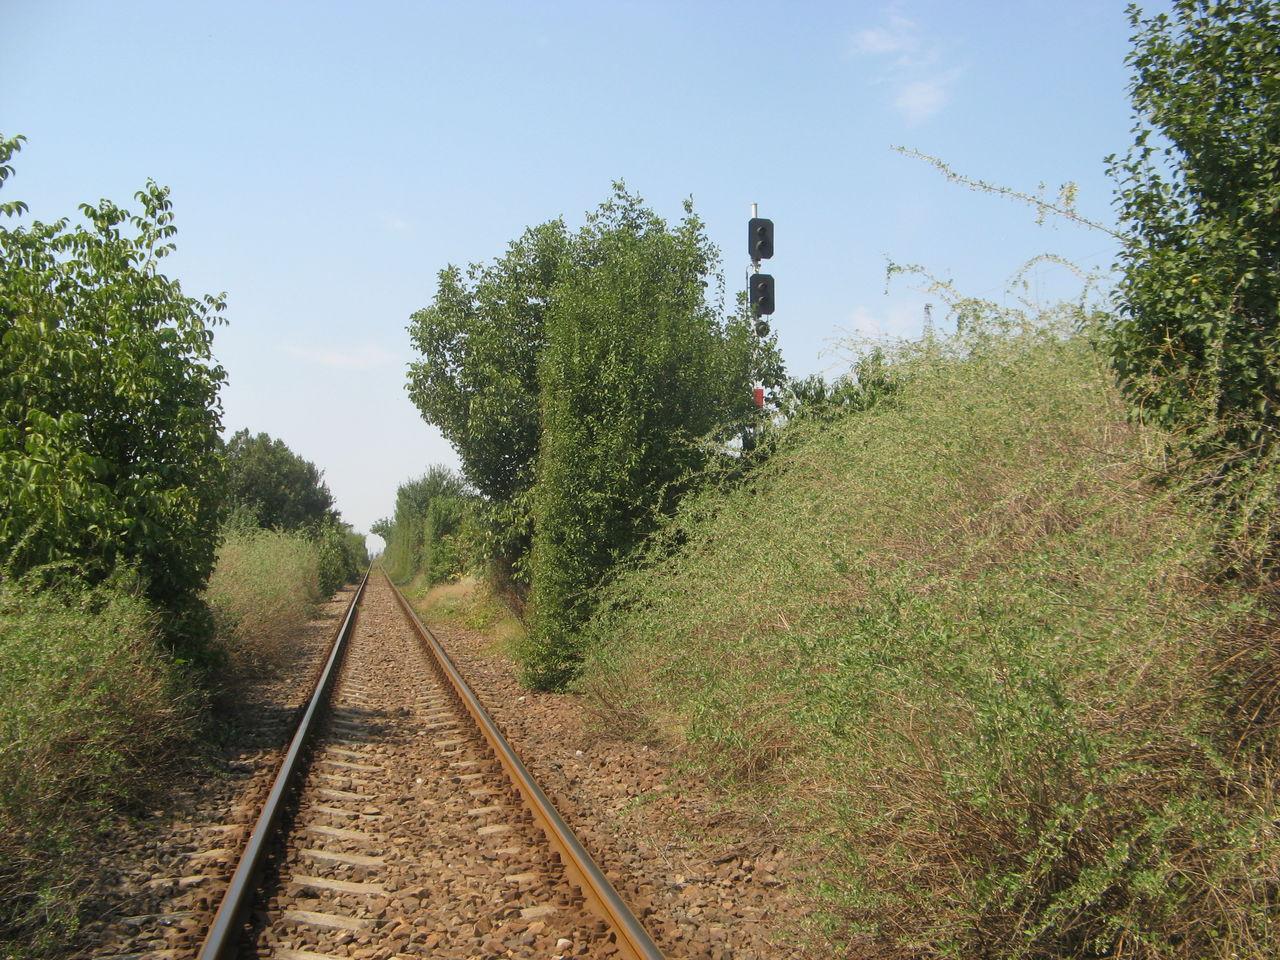 Calea ferată directă Oradea Vest - Episcopia Bihor IMG_0068